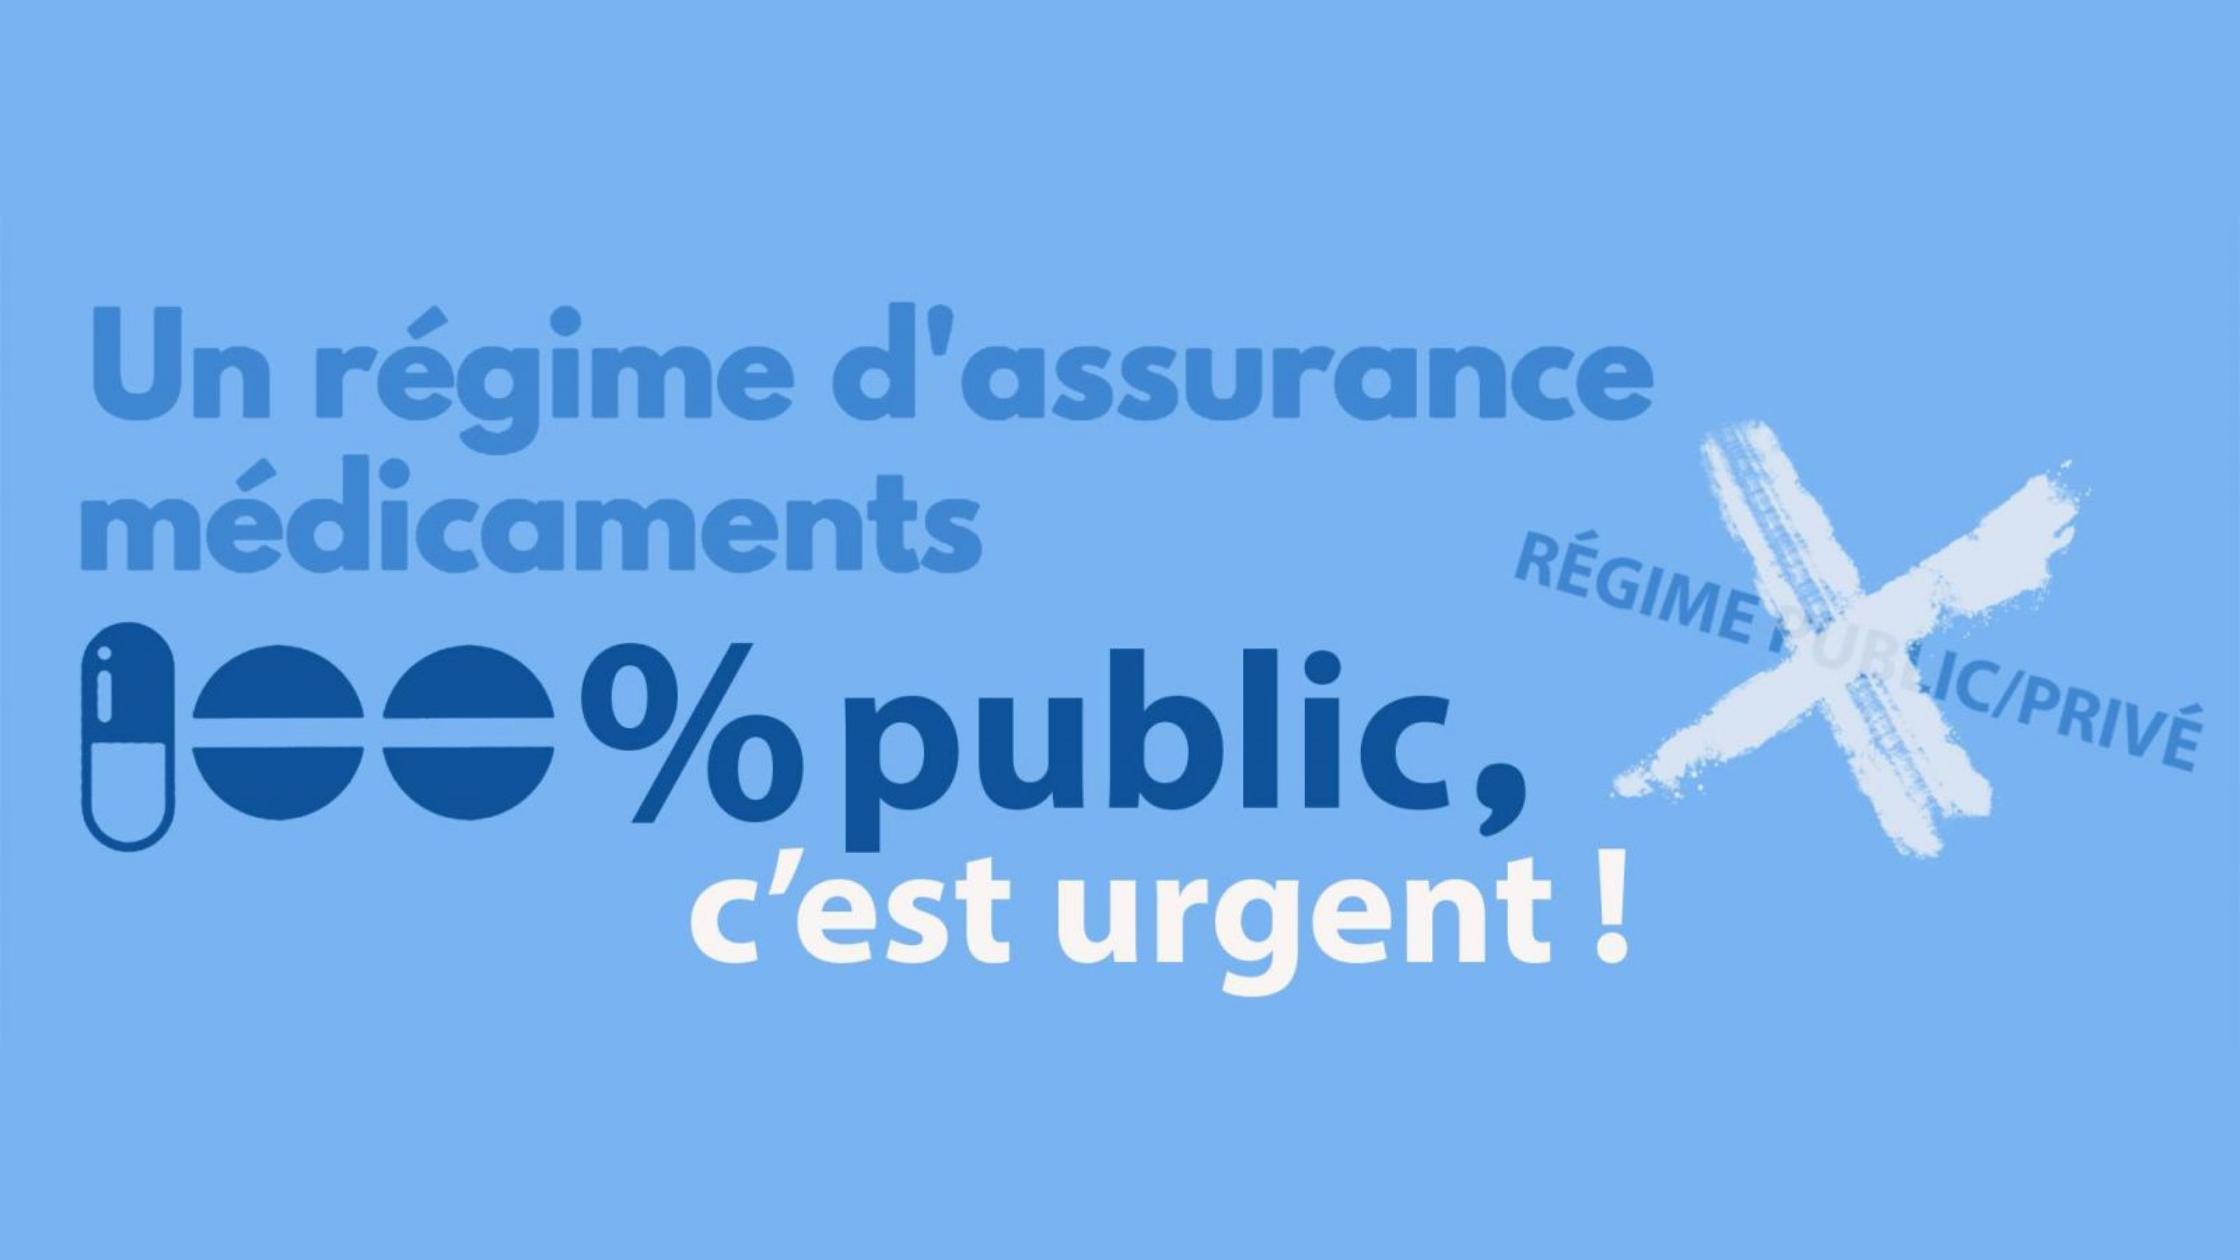 """Un régime d'assurance médicaments 100 % public, c'est urgent ! X sur """"Régime public/privé"""""""